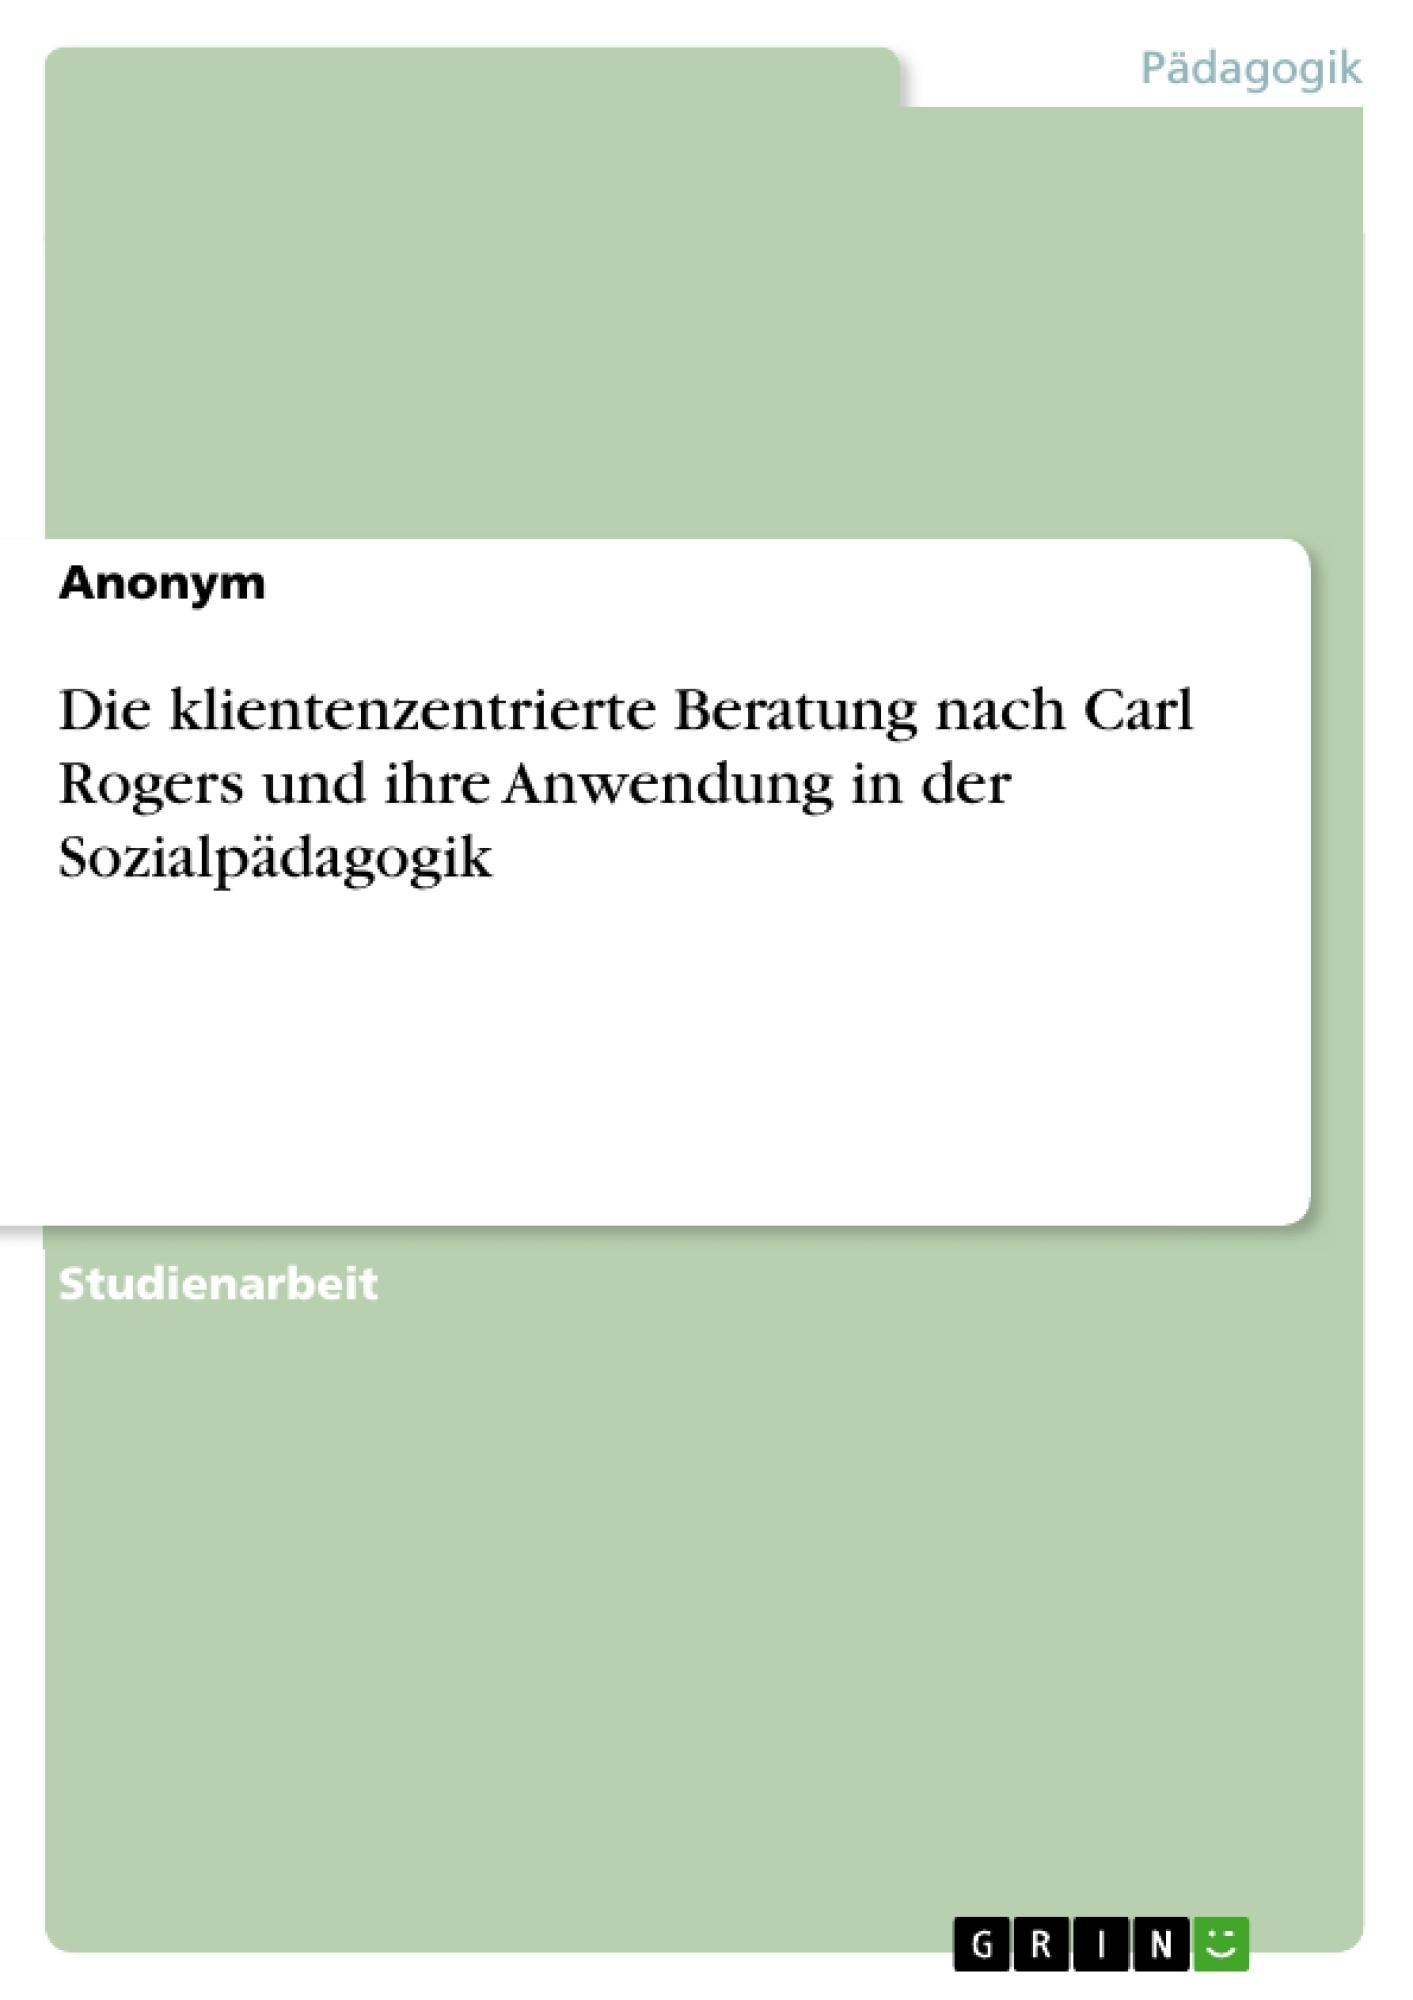 Titel: Die klientenzentrierte Beratung nach Carl Rogers und ihre Anwendung in der Sozialpädagogik